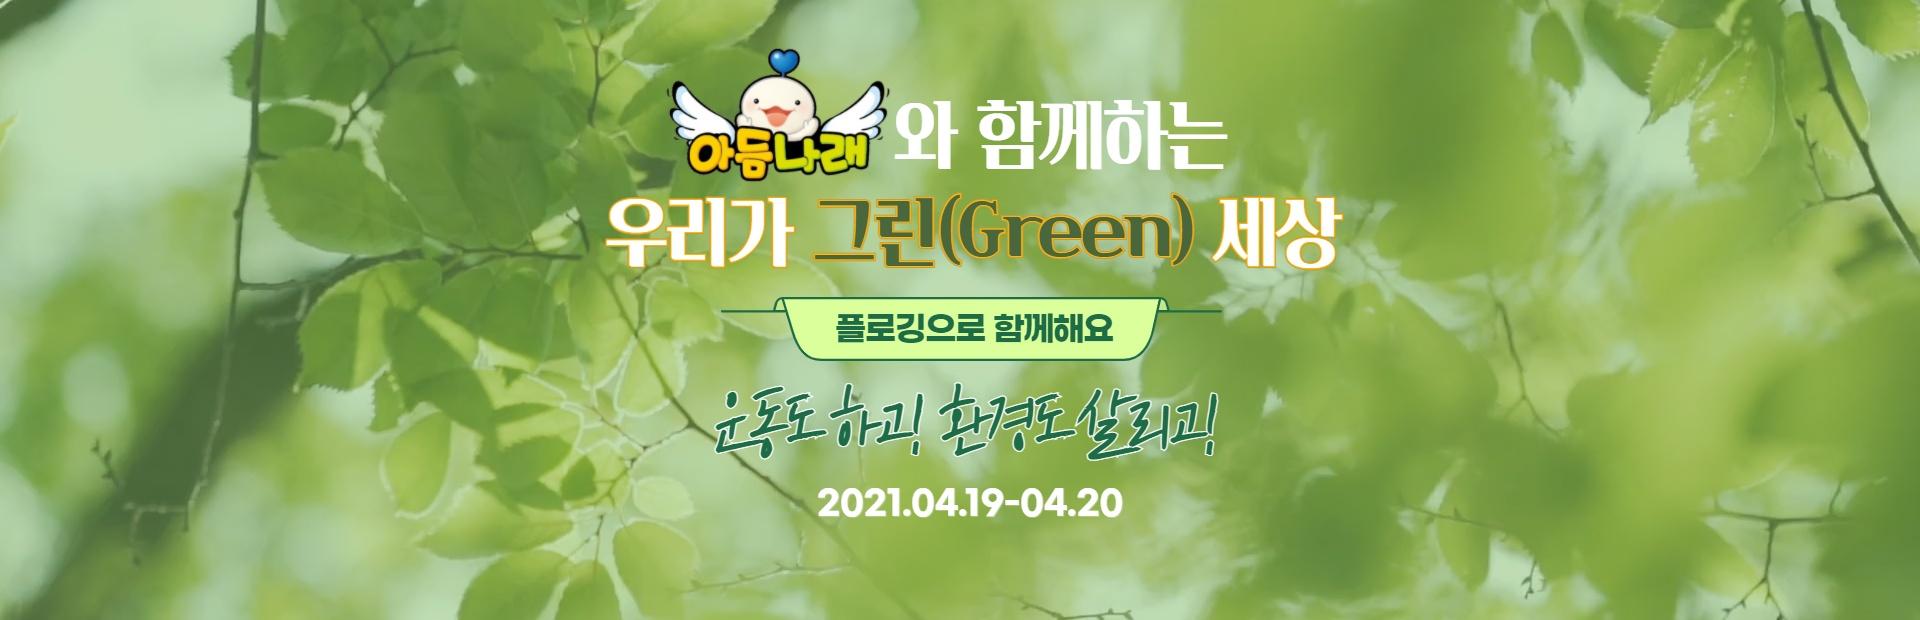 우리가 그린(Green) 세상